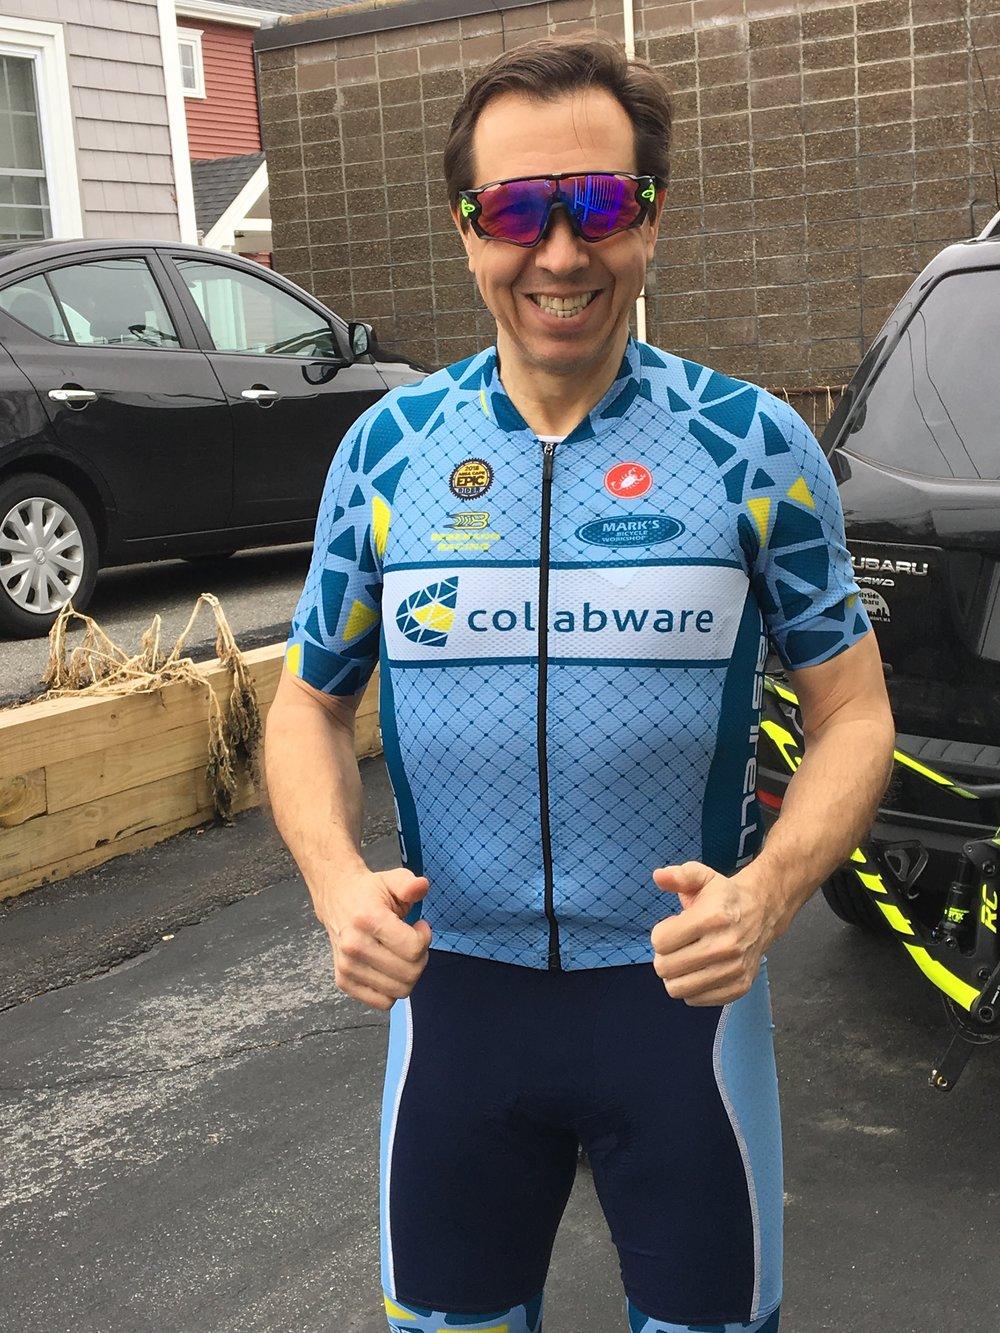 Glenn in Collabware Team Bike Jersey.